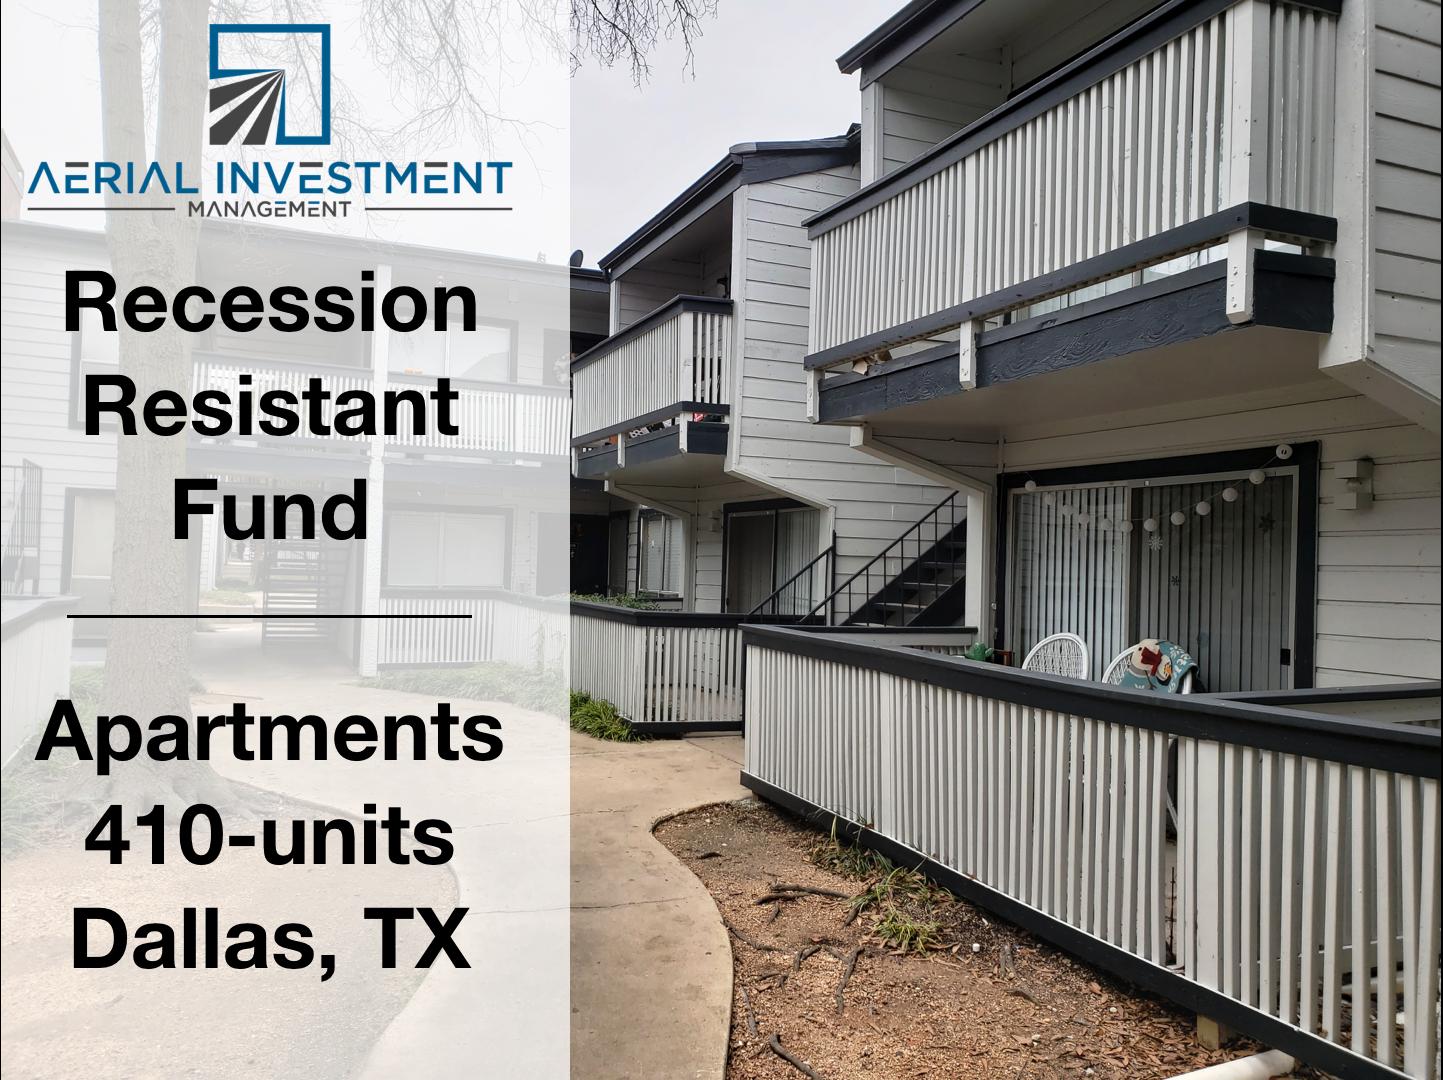 410-units  Dallas, TX  10.9% allocation